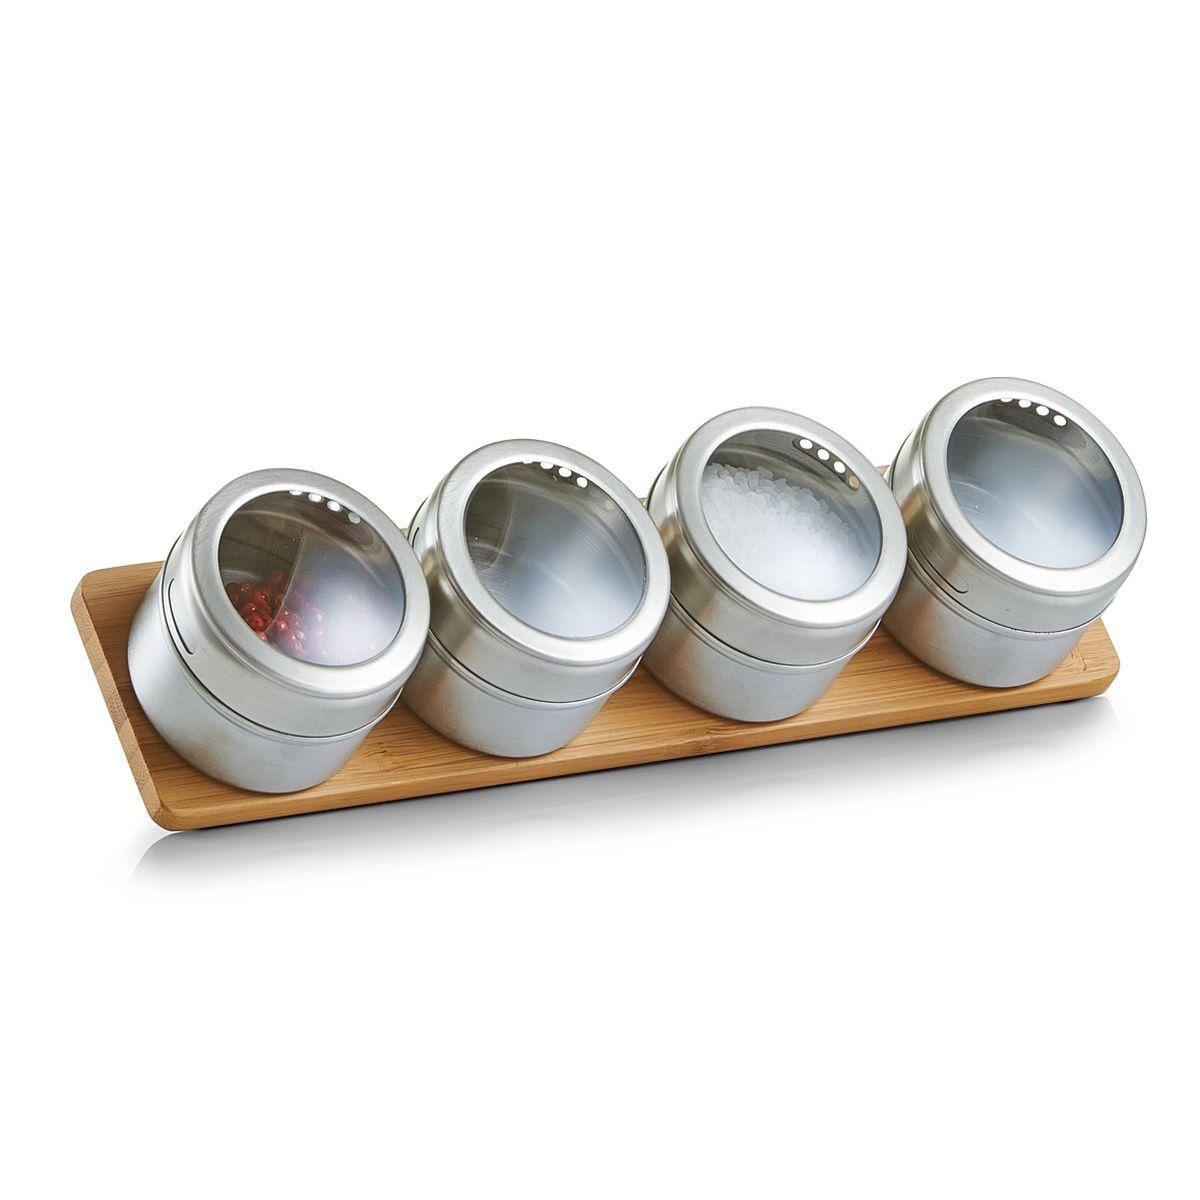 Набор для специй Zeller, на подставке, 5 предметов, 28 х 6,8 х 6 см19980Набор Zeller состоит из четырех баночек для специй и подставки. Баночки выполнены из нержавеющей стали, оснащены закручивающимися металлическими крышками. Подставка из дерева.Набор для специй стильно оформит интерьер кухни и станет незаменимым при приготовлении пищи. Компактный, он не занимает много места.